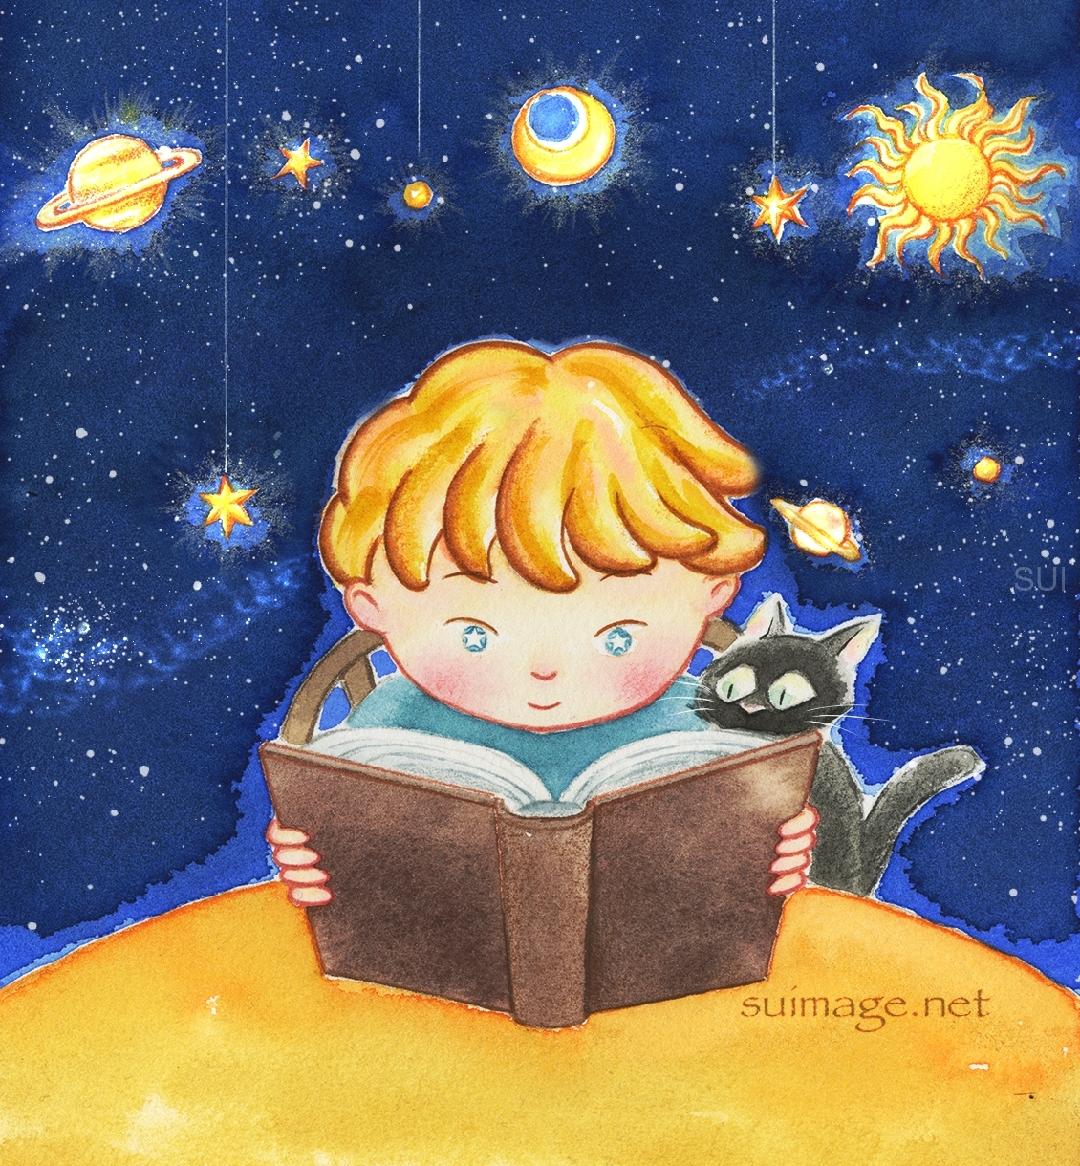 読書する少年と黒猫